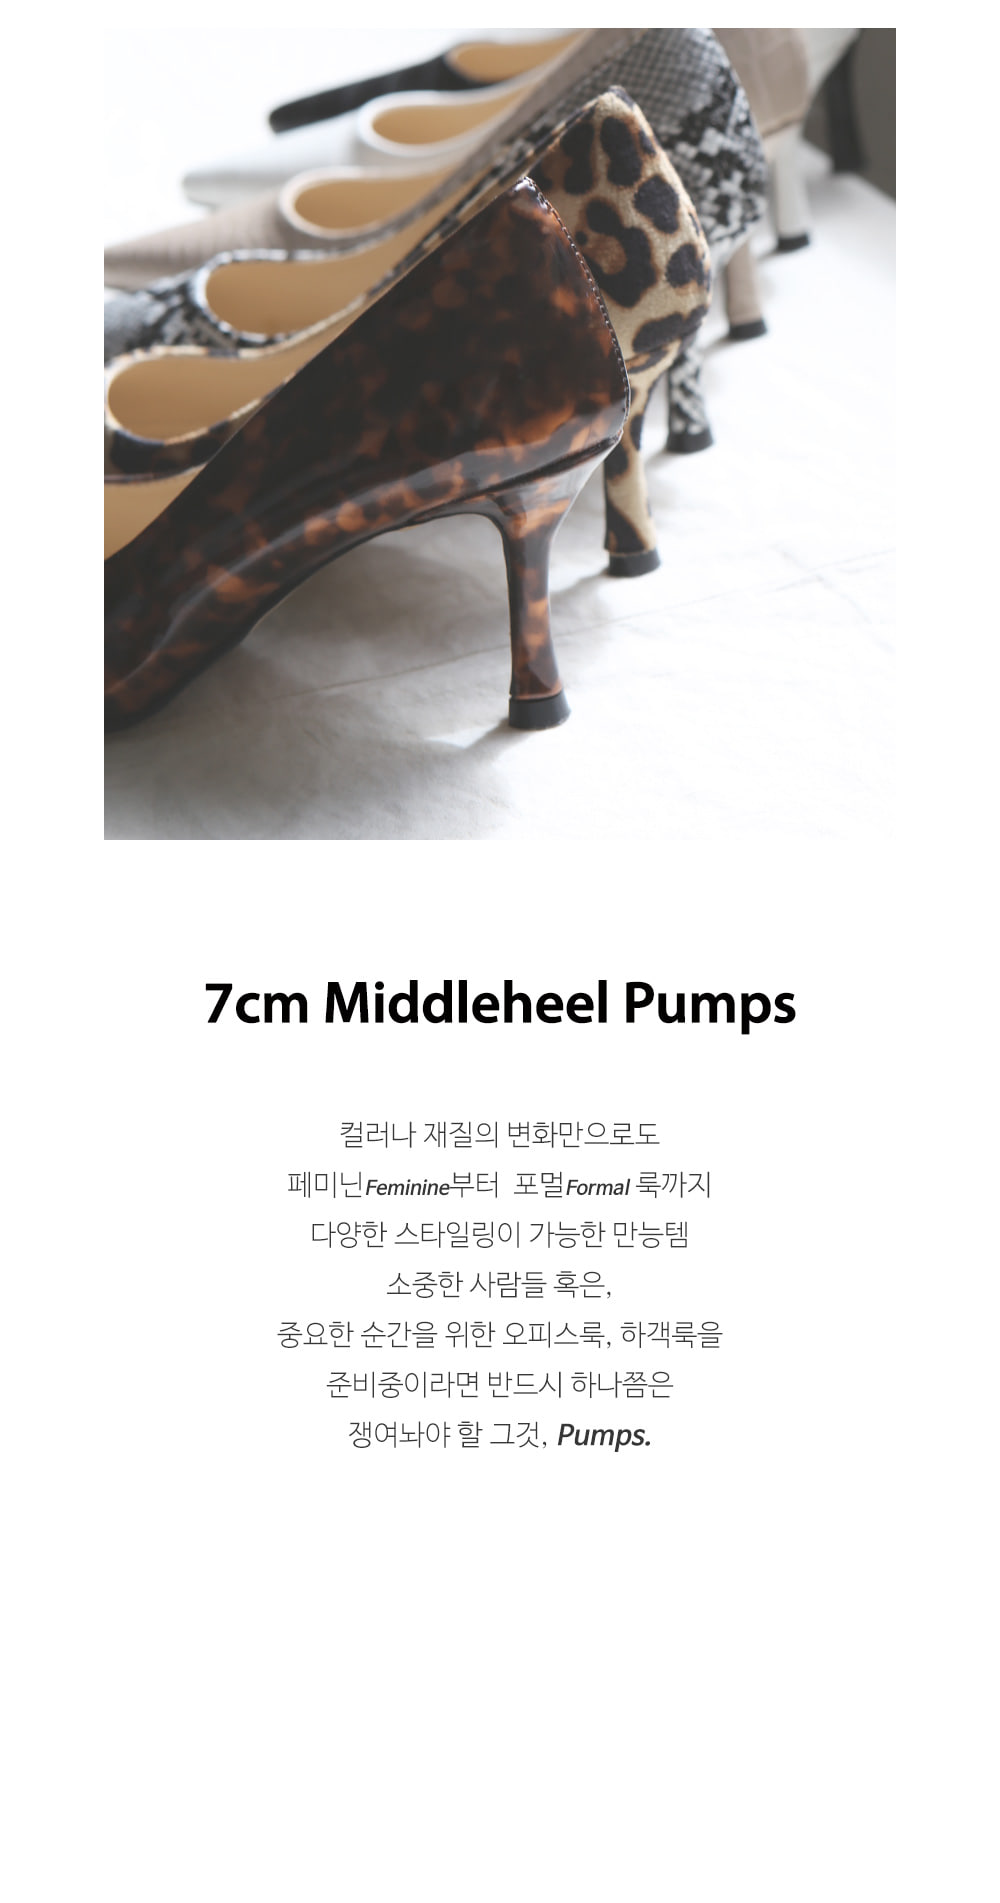 7cm미들힐 에나멜펌프스